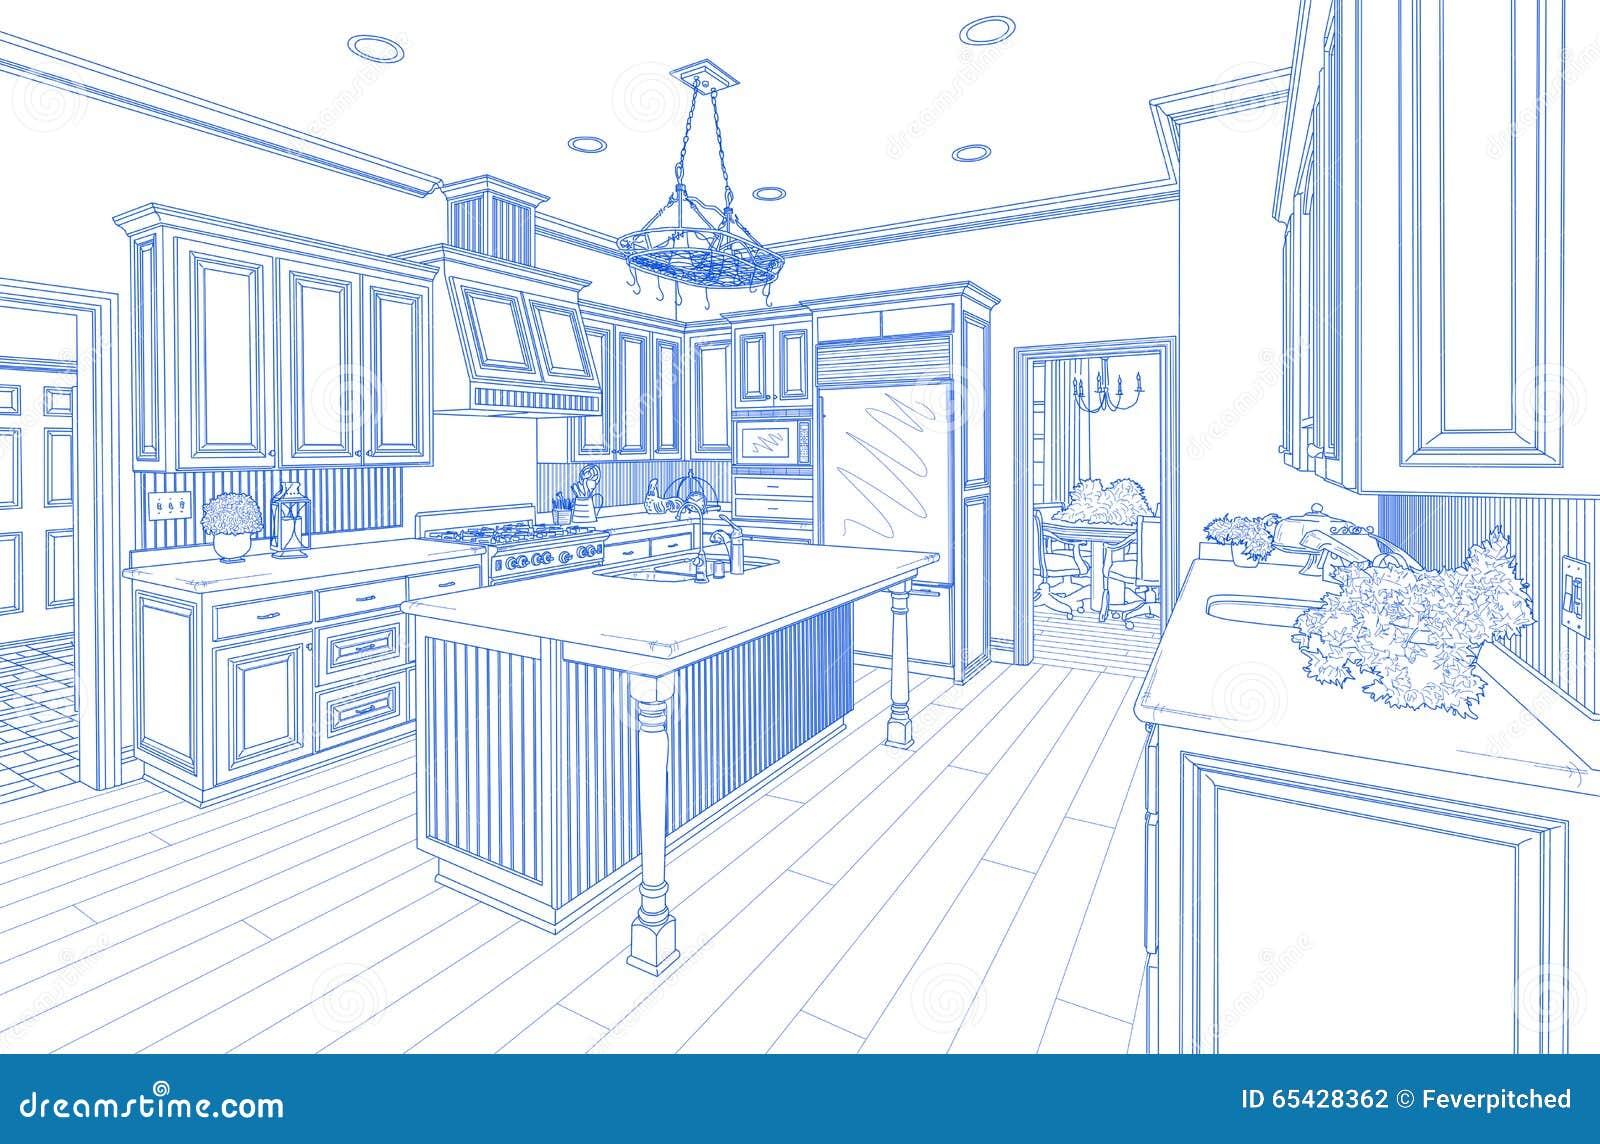 Desenho De Projeto Feito Sob Encomenda Azul Da Cozinha No Branco